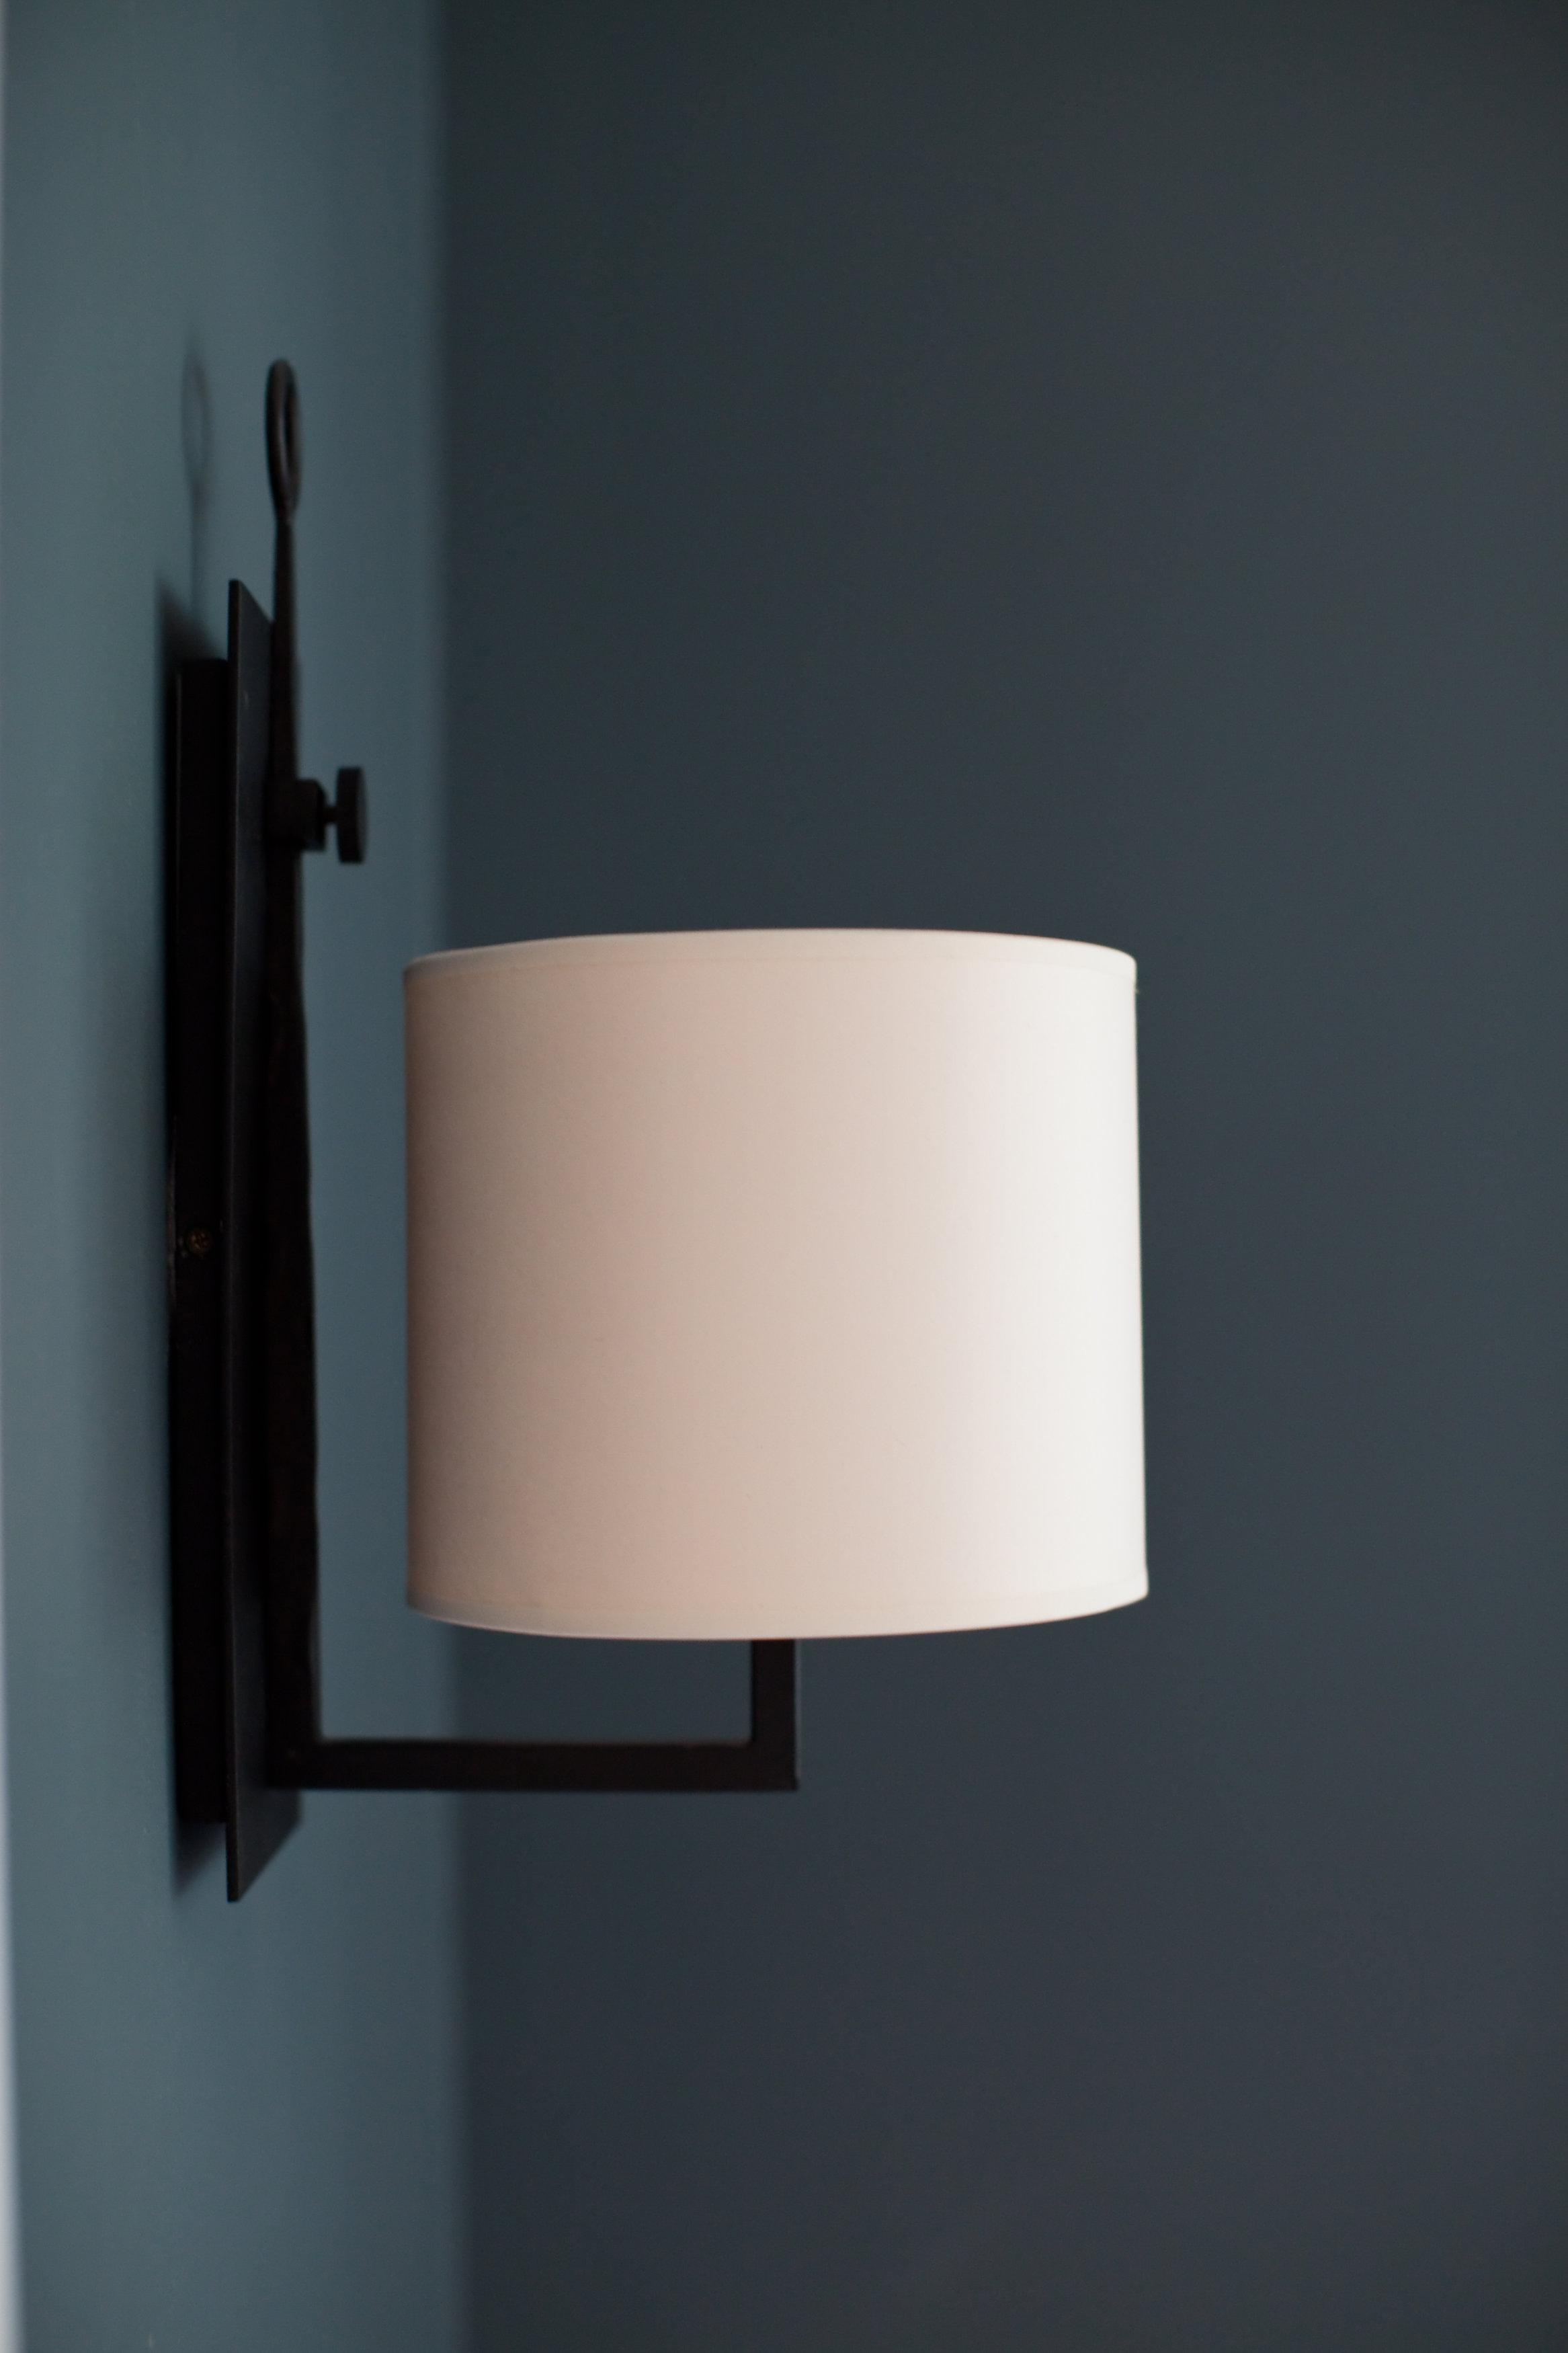 Michelle Miller Interiors-Annapolis Residence I-0143 - DR Light.jpg